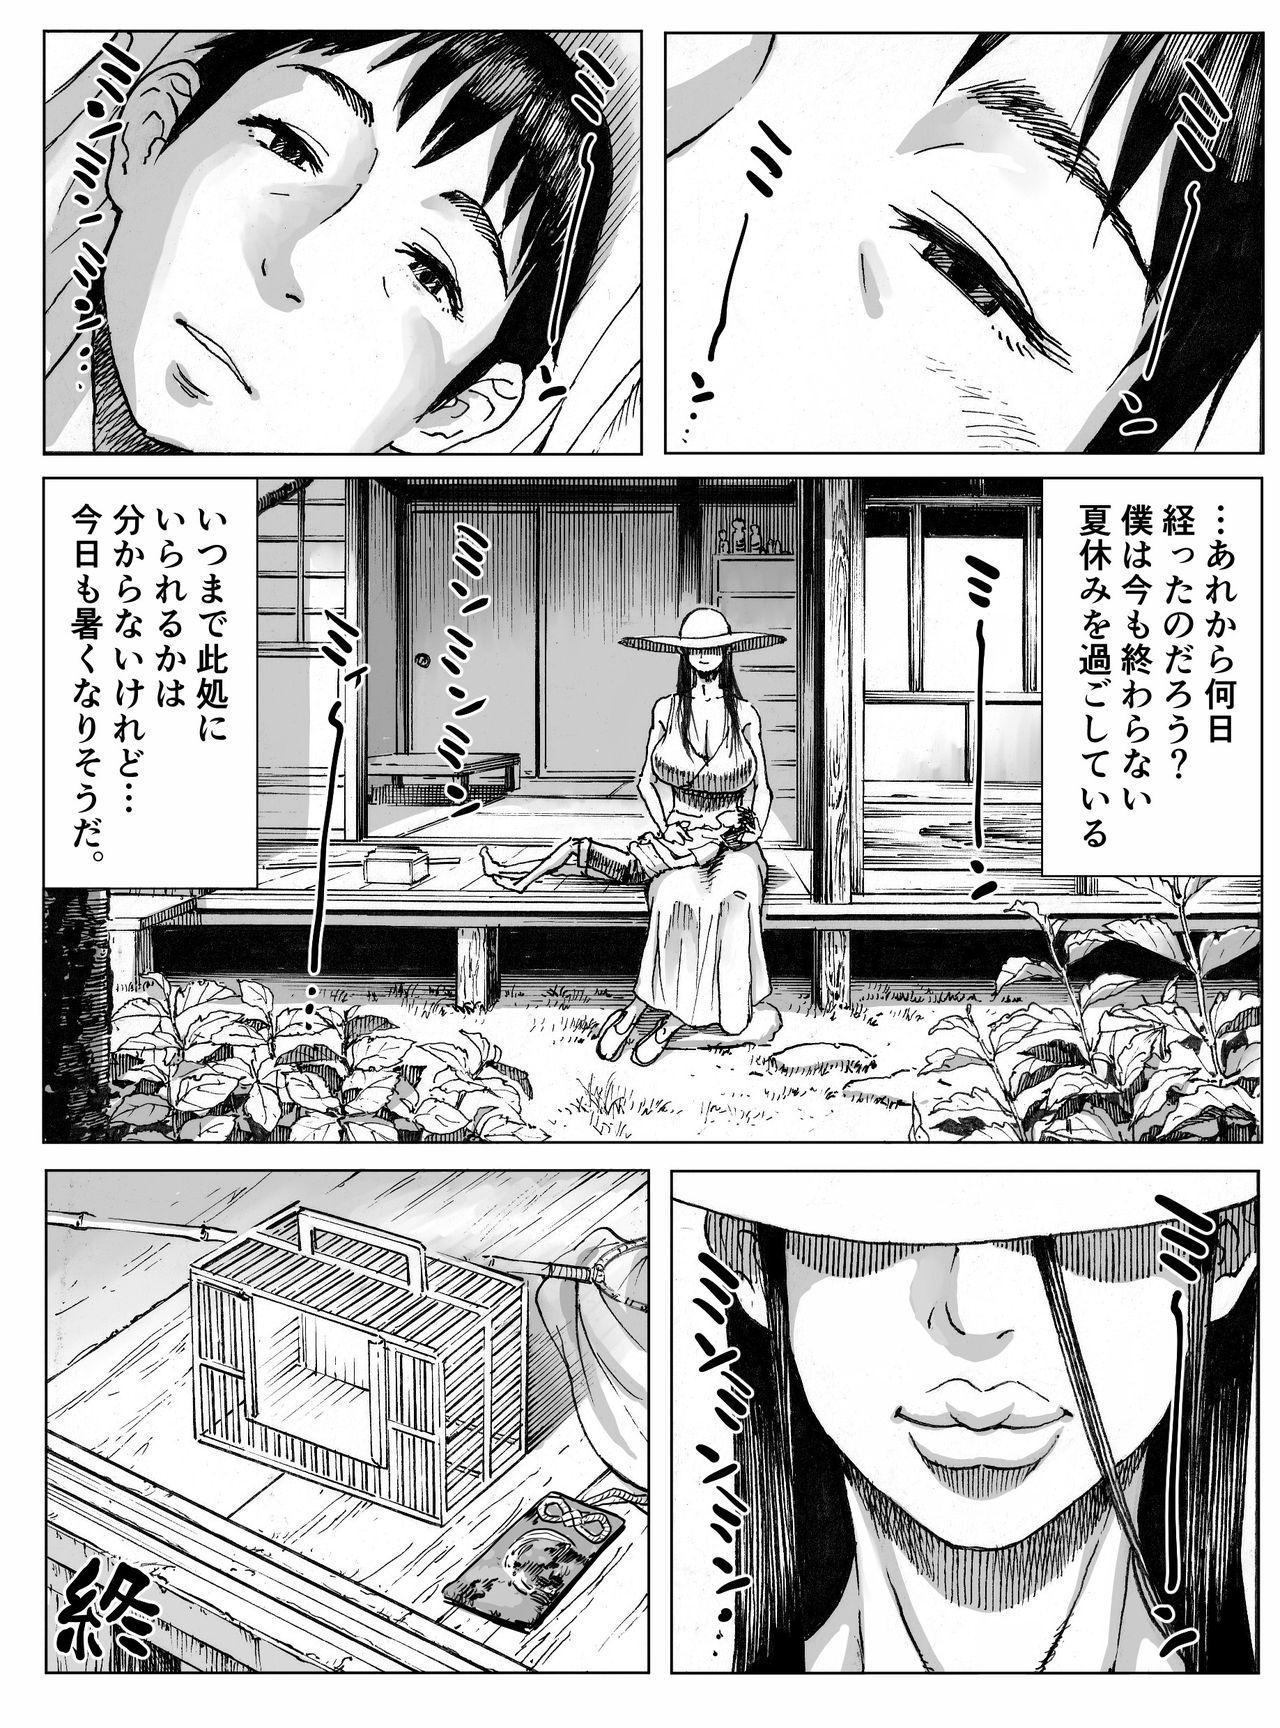 Ōse 40